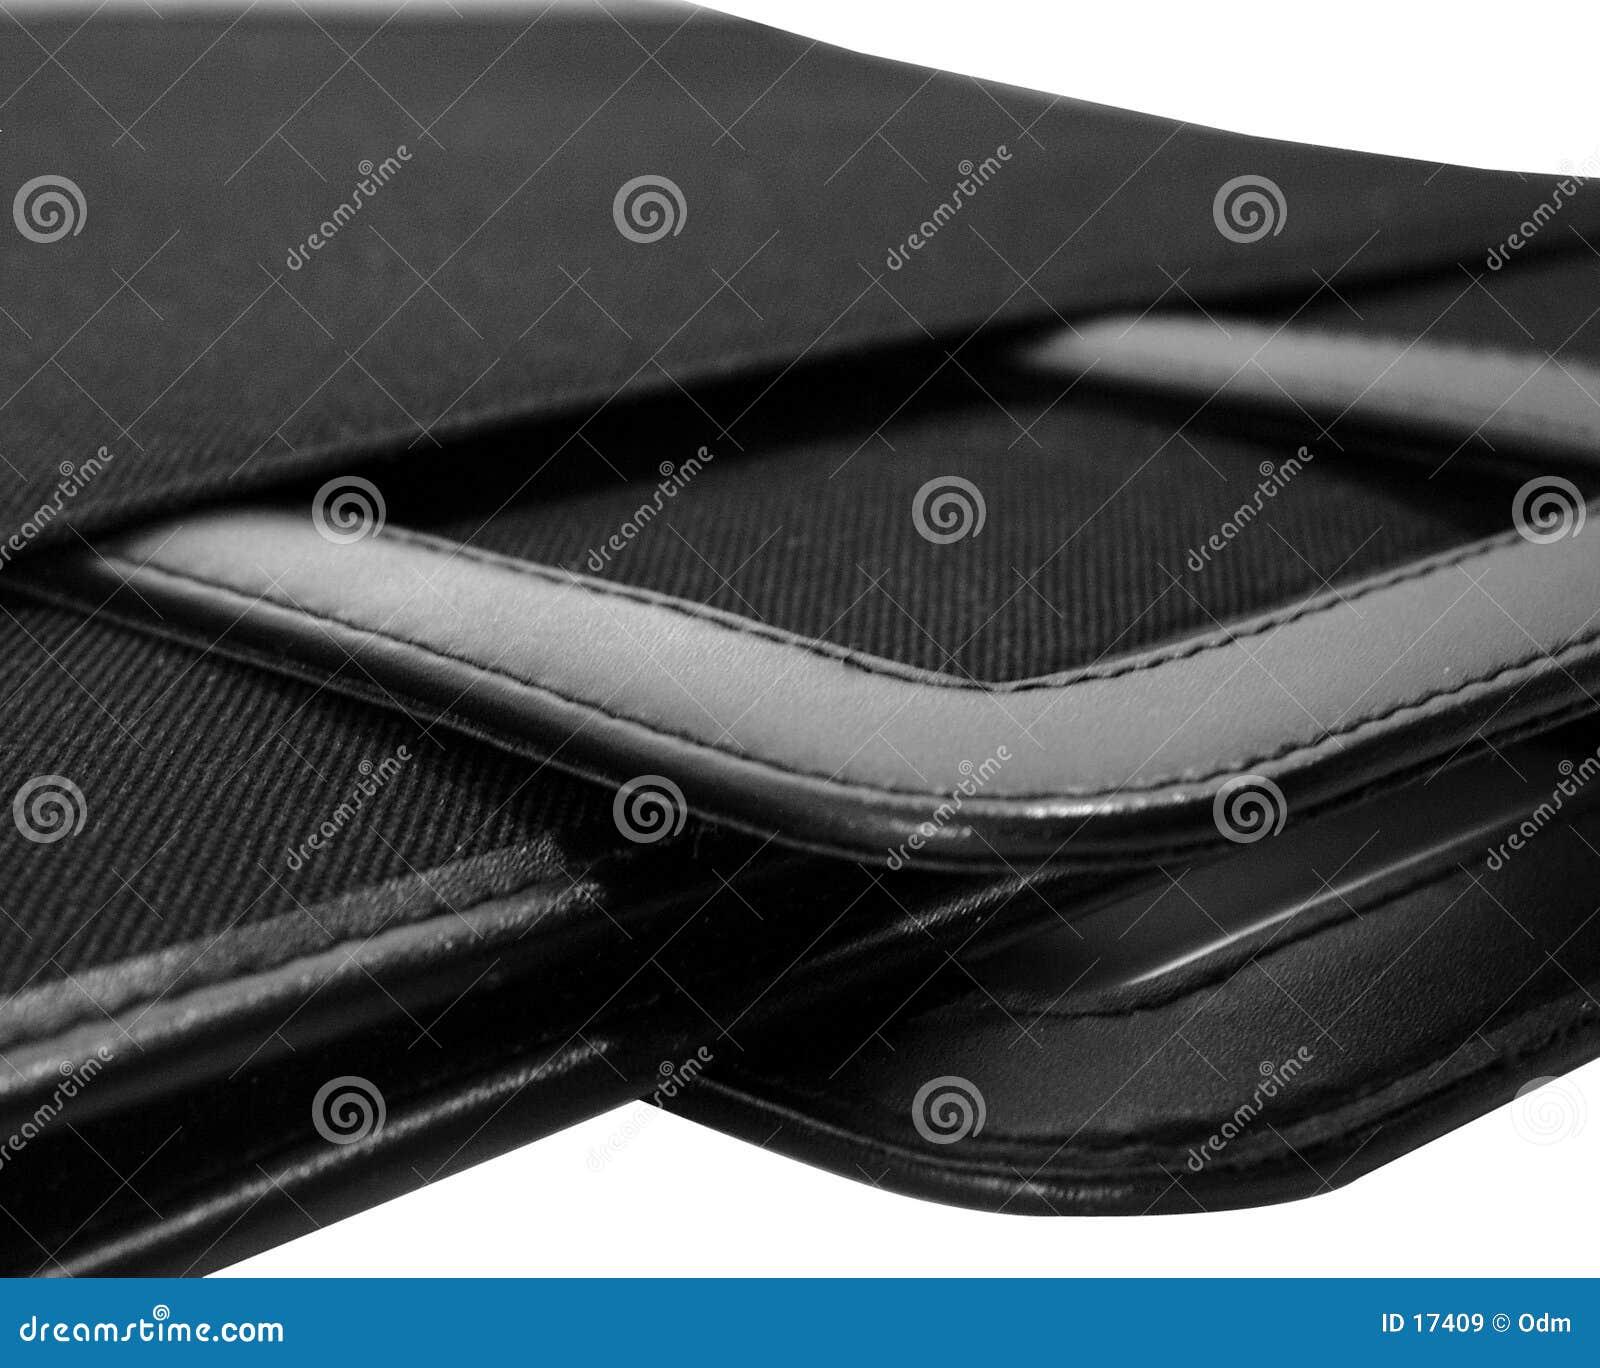 Portafolio Left